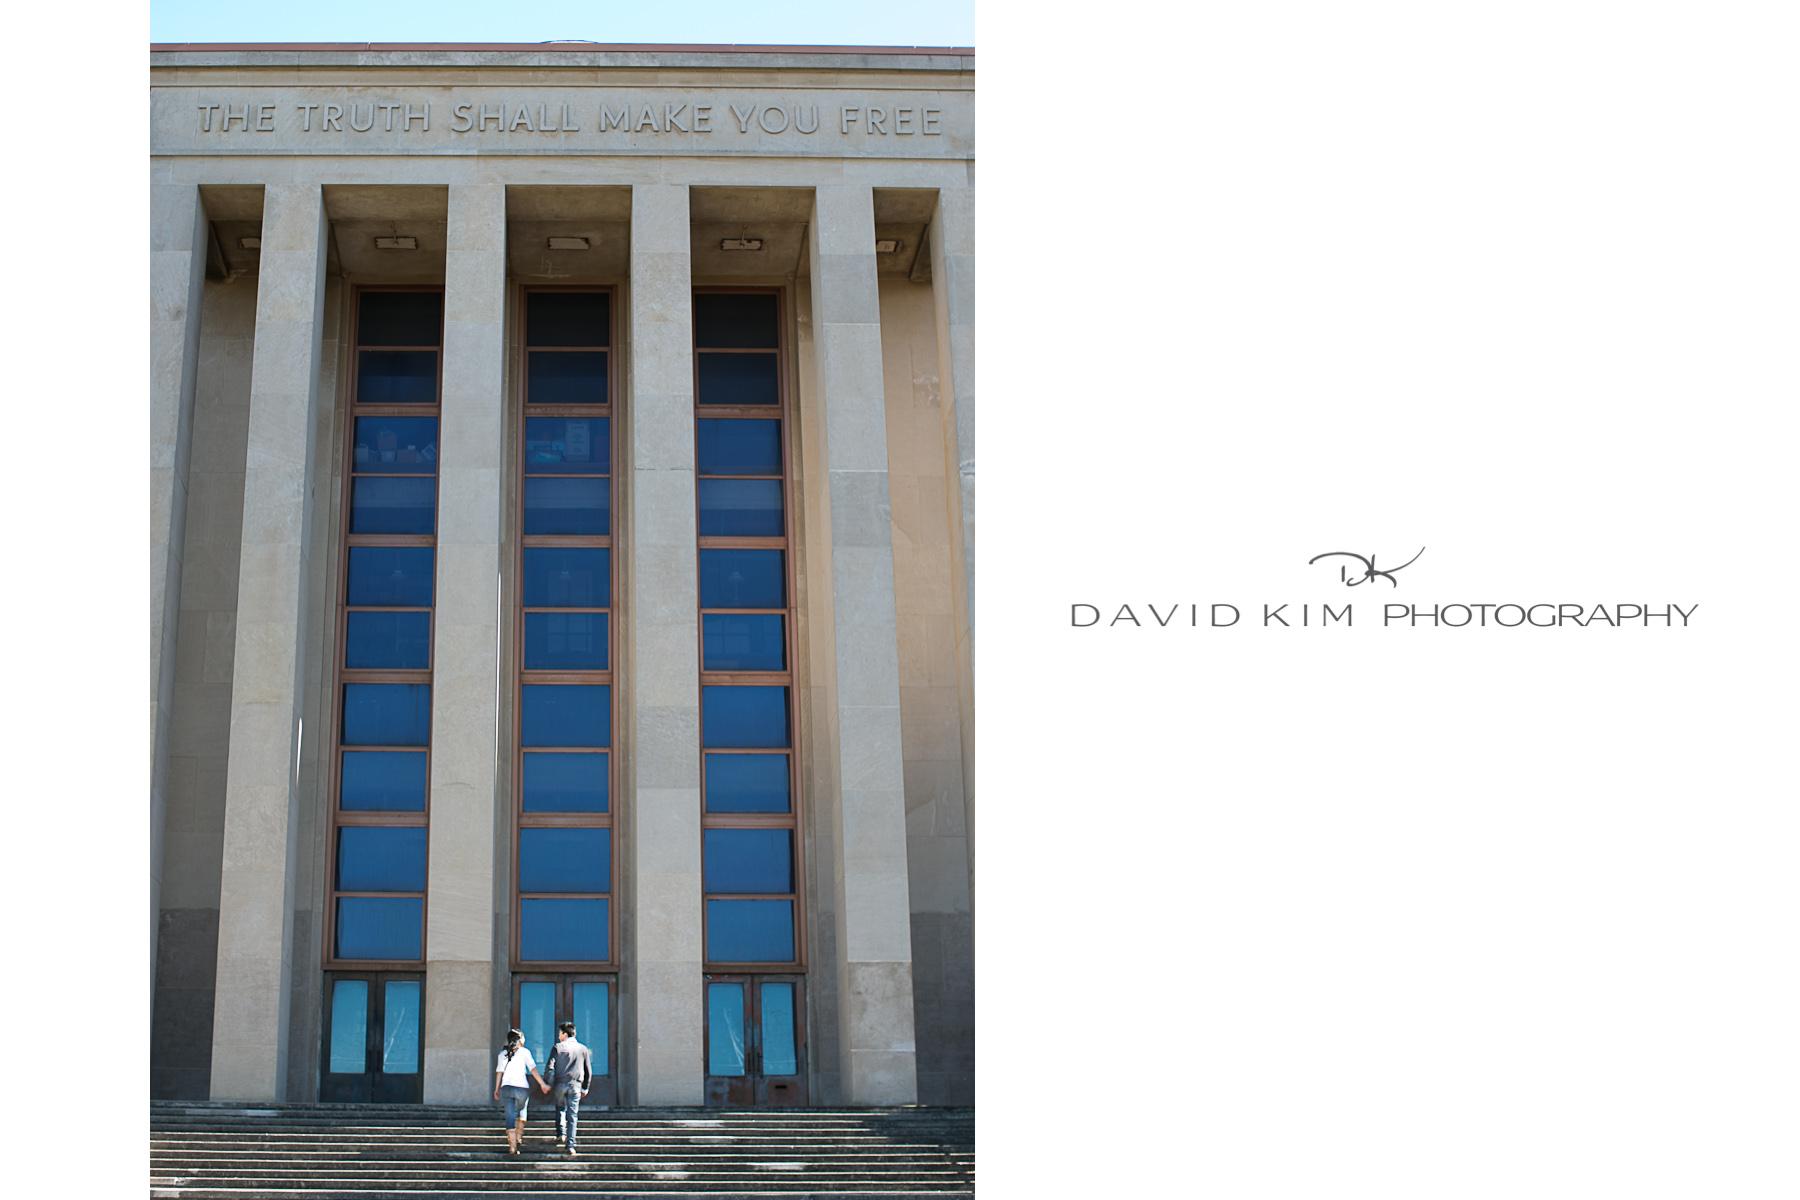 Nina-Hong-002-2-san-francisco-city-college-david-kim-photography.jpg